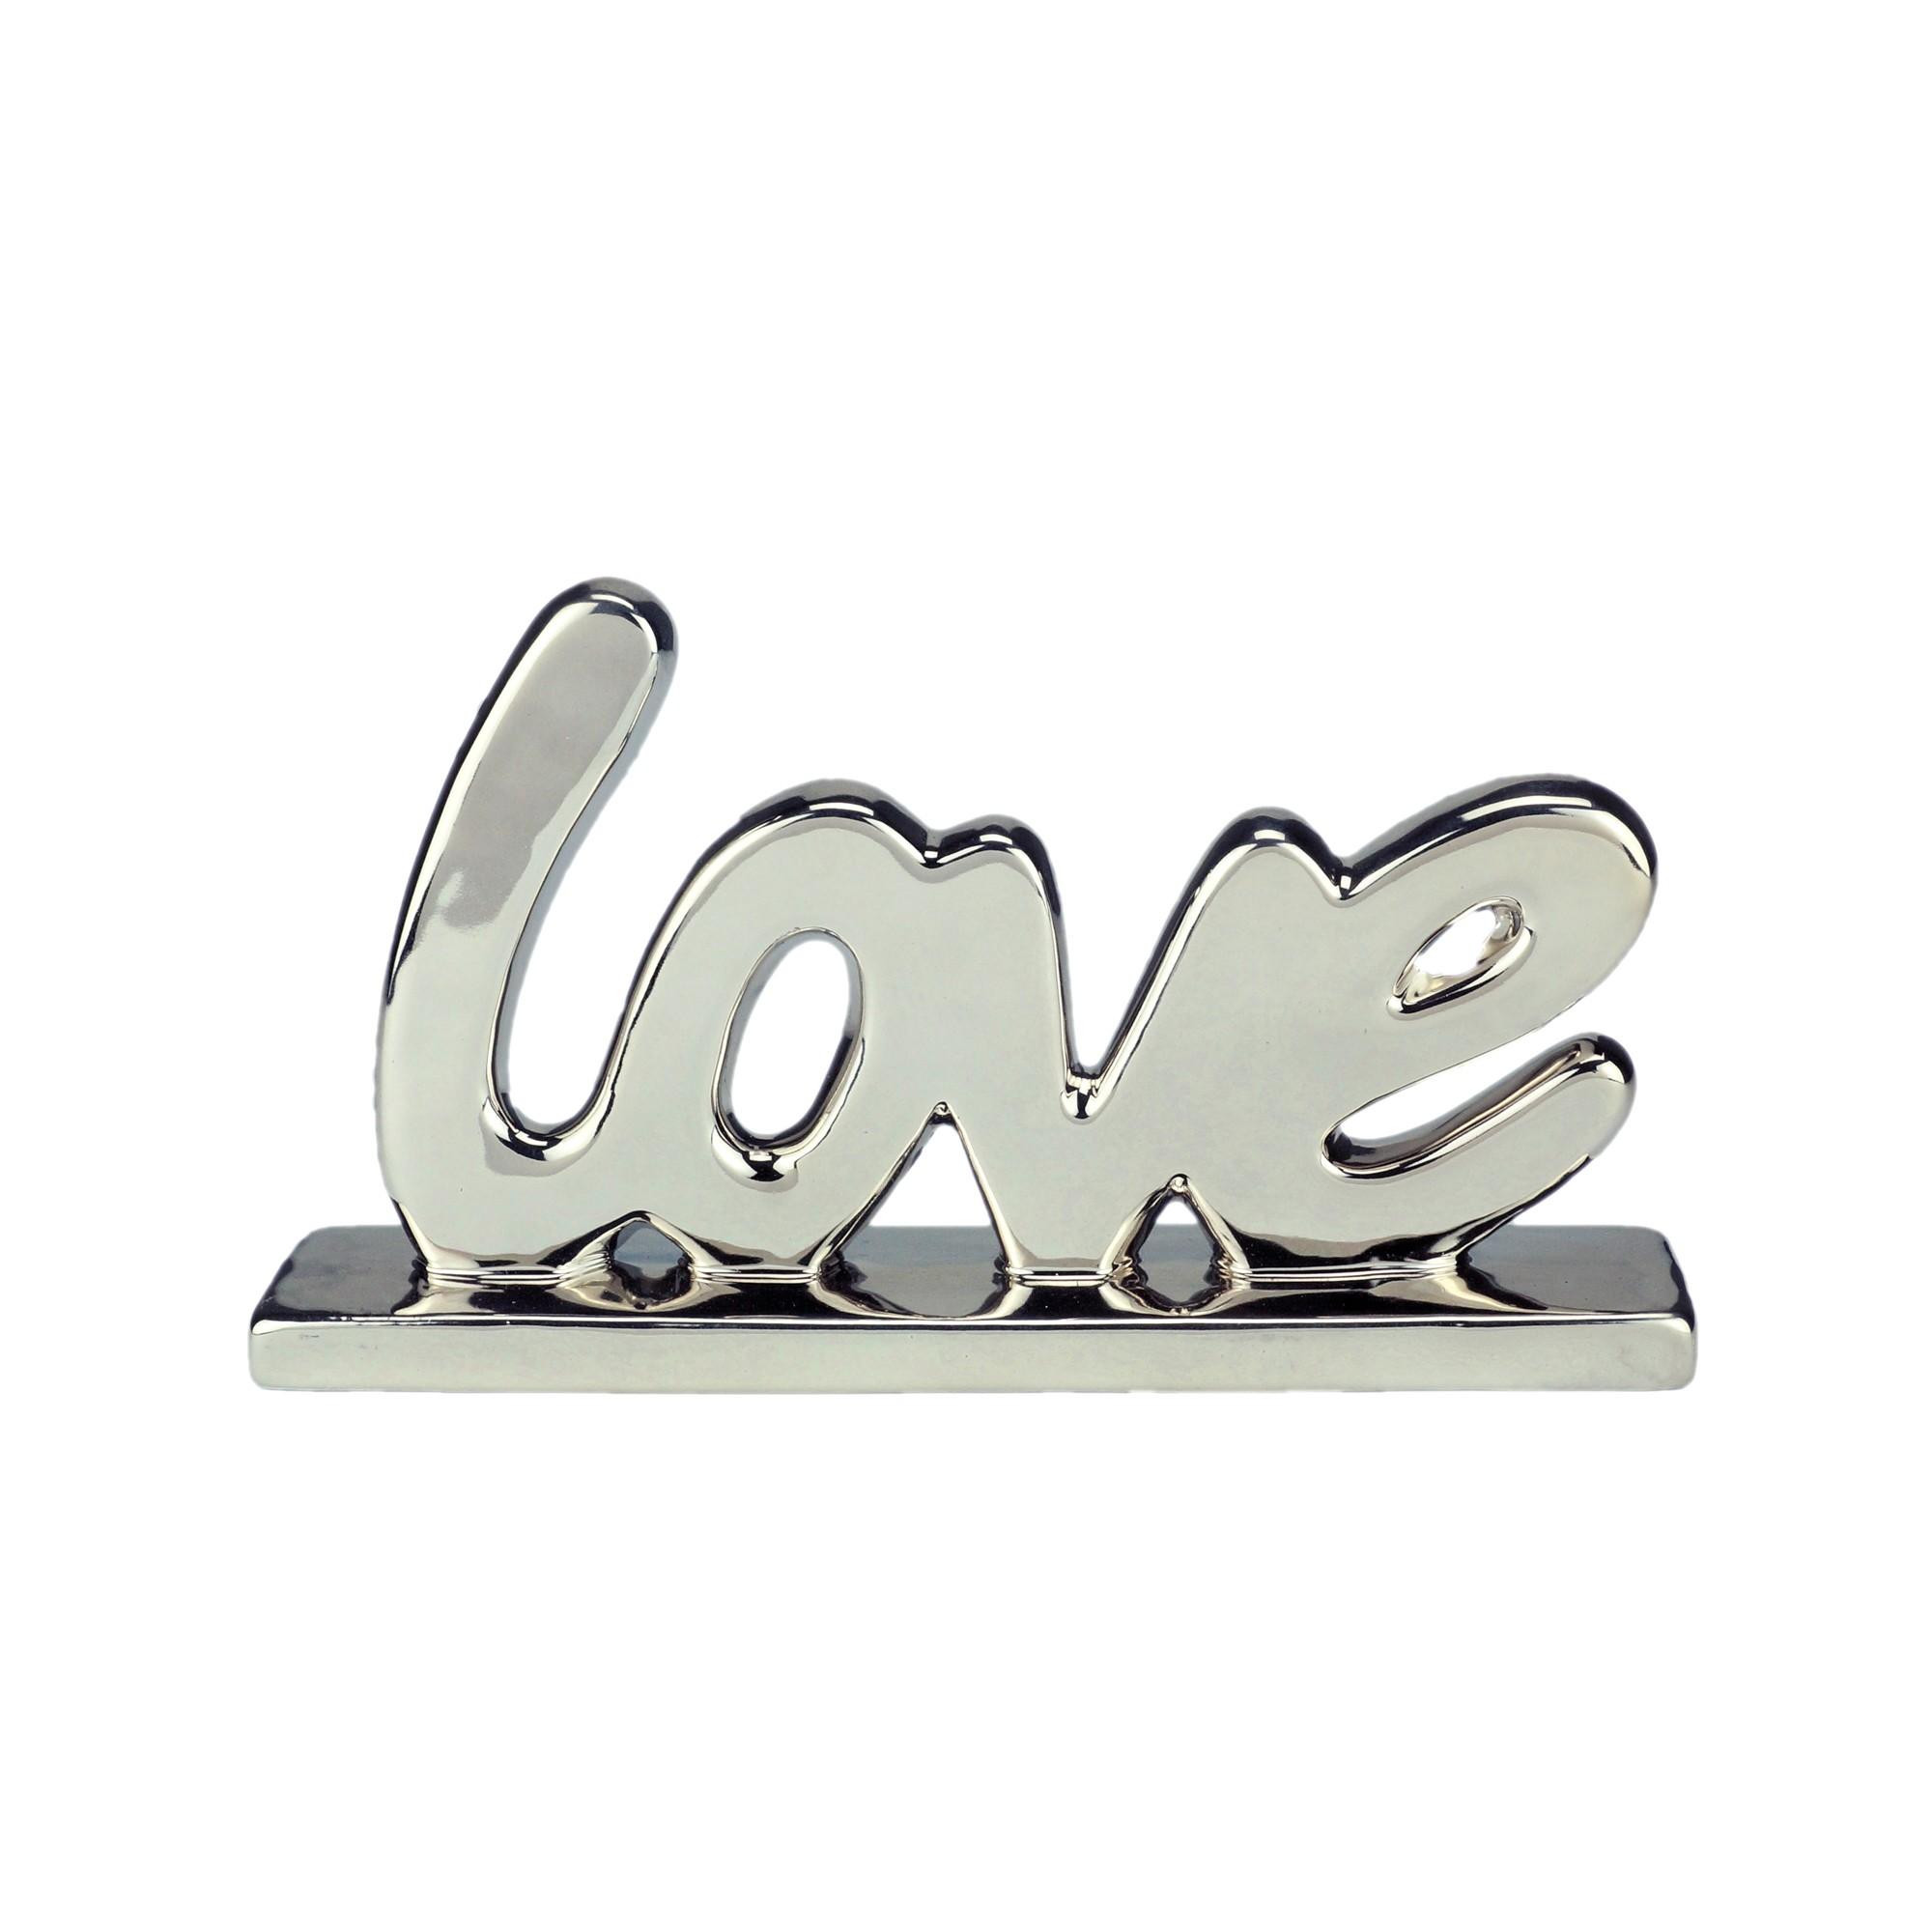 Enfeite Decorativo de Ceramica Love 21cm Prata - Urban